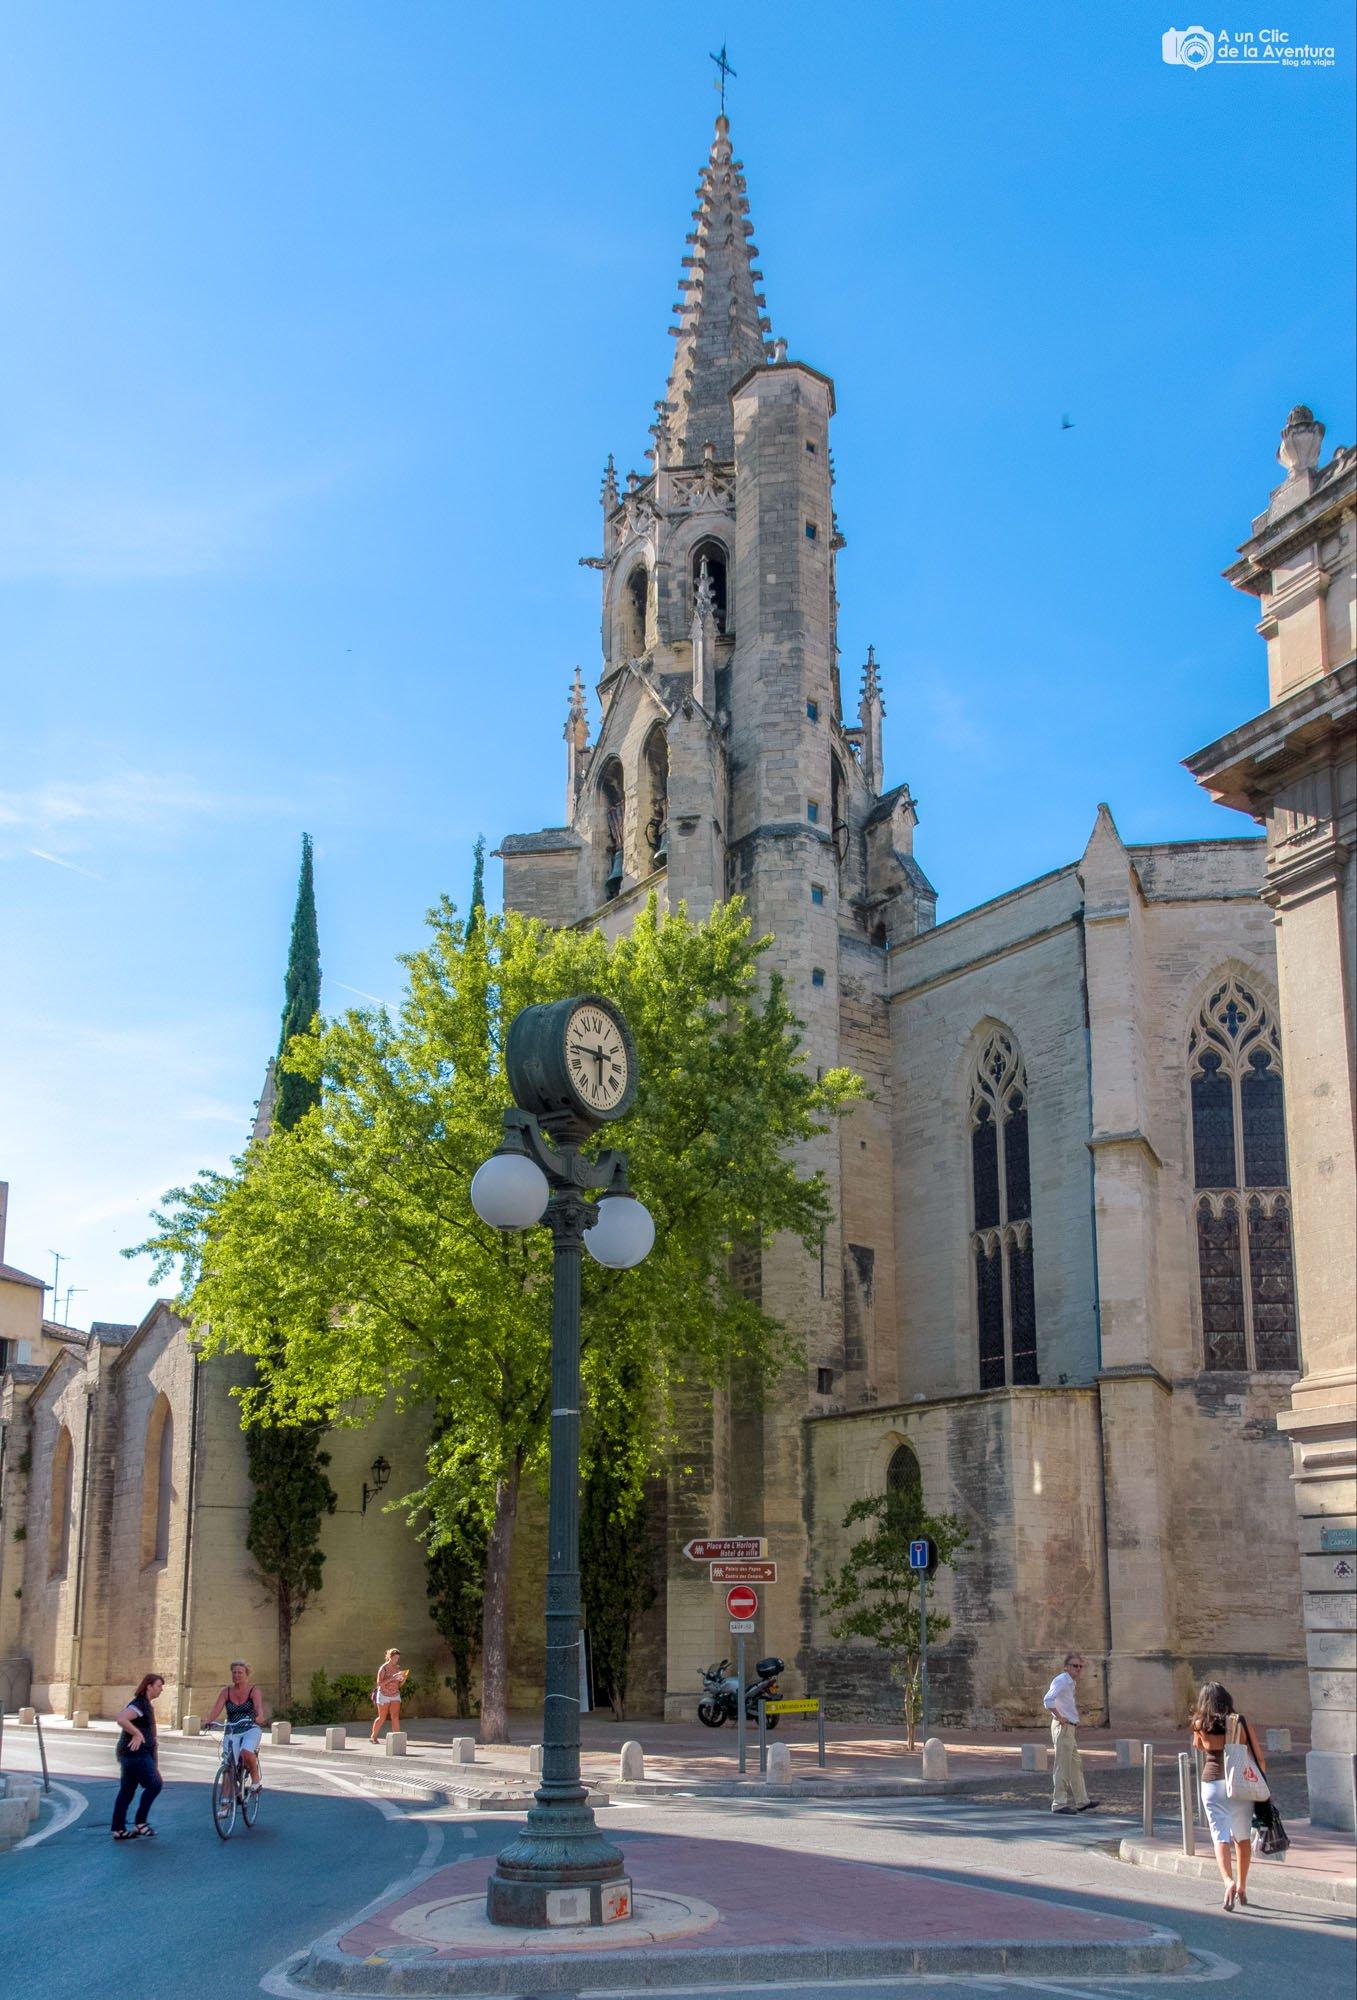 Basilica de San Pedro o Basilique Saint-Pierre de Avignon